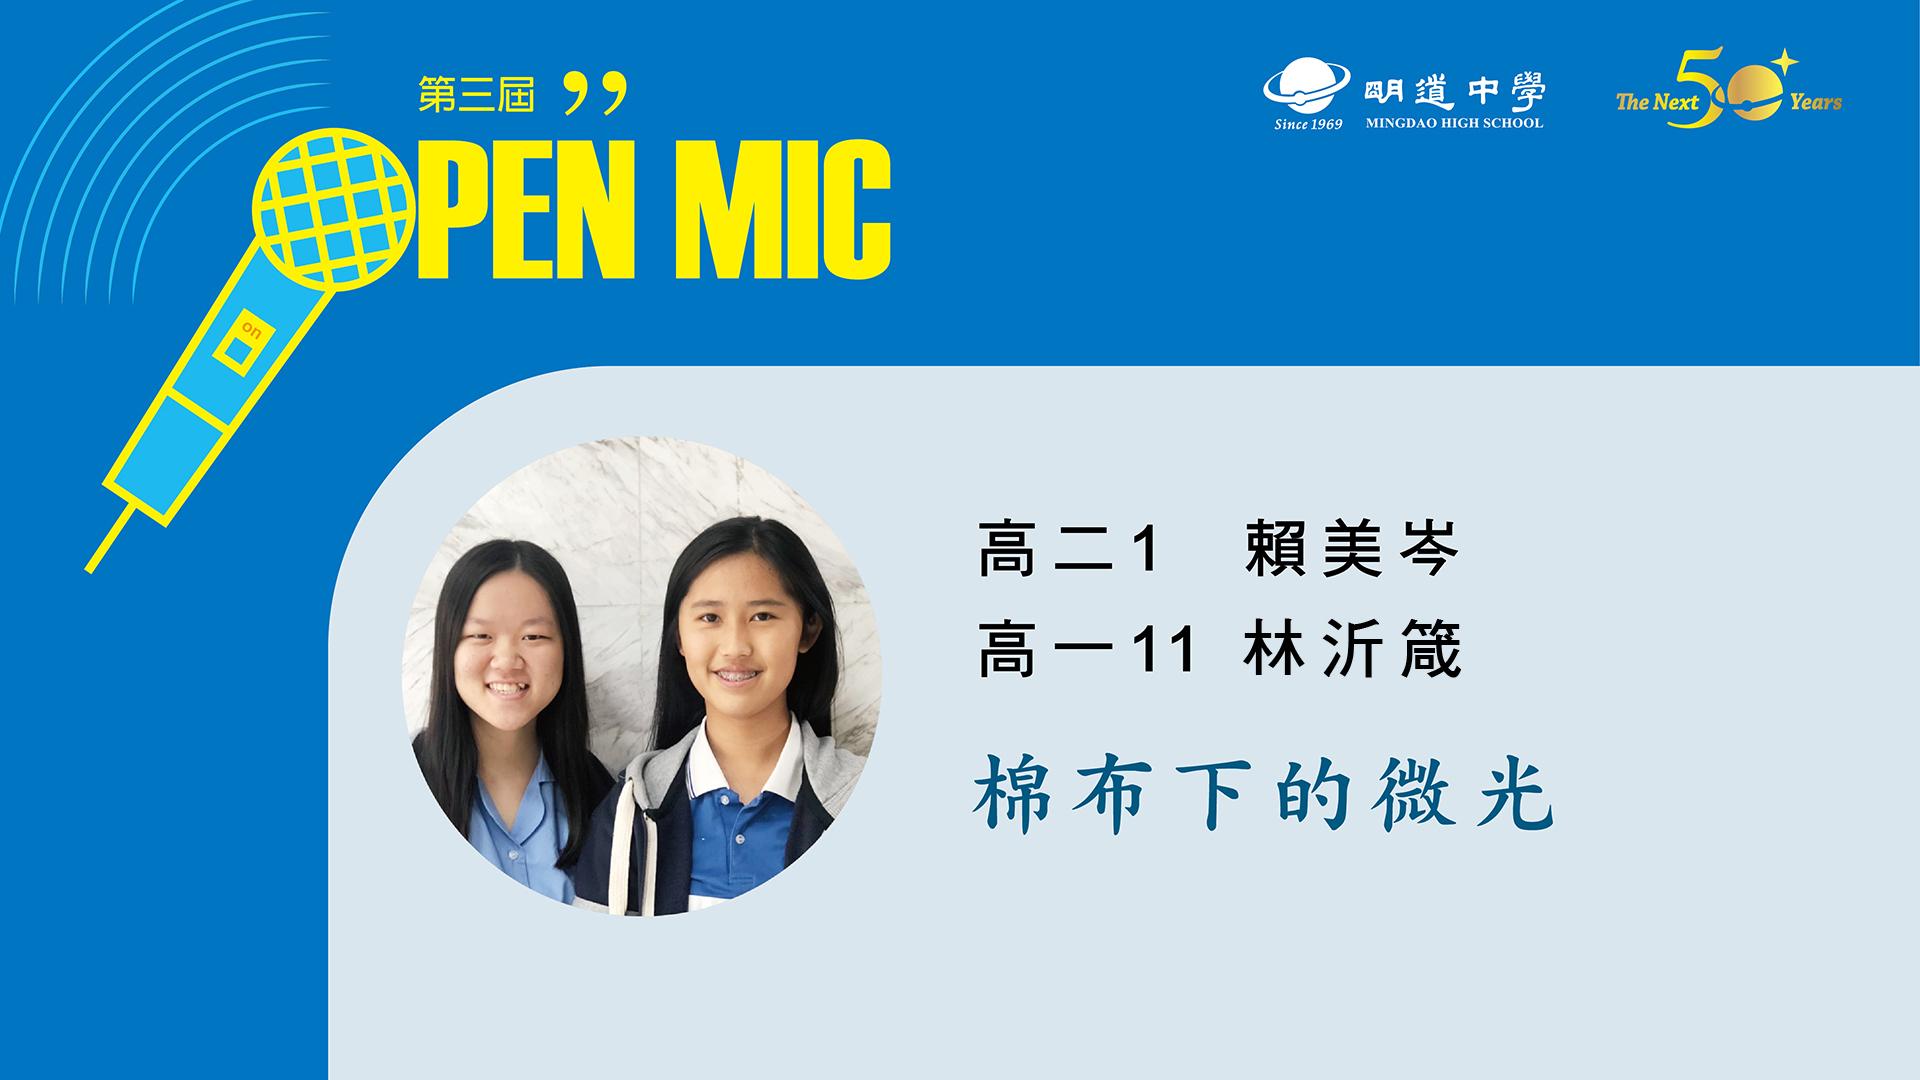 OPEN MIC III 【棉布下的微光】